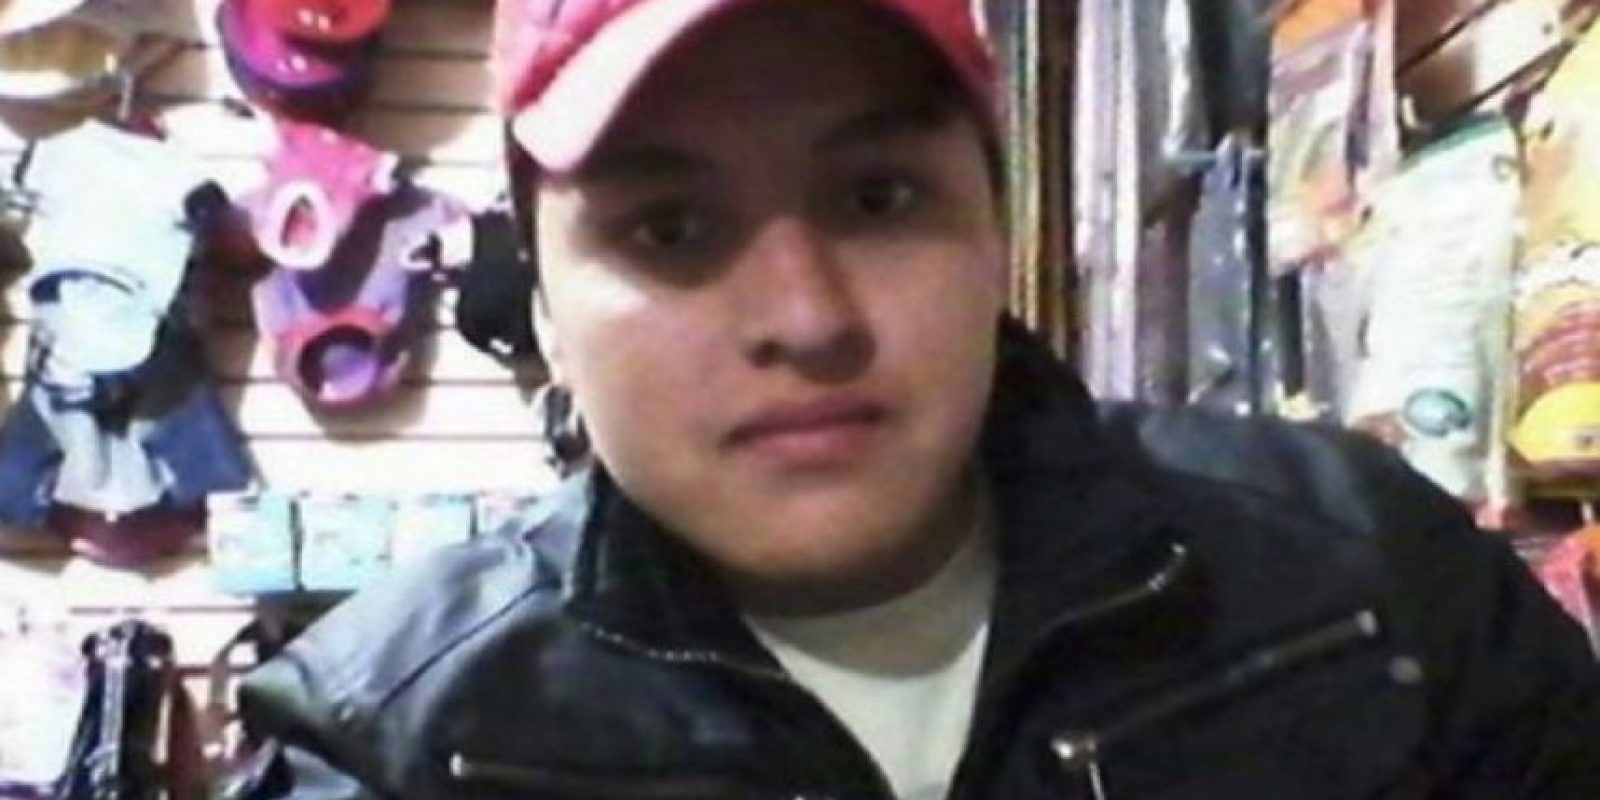 Óscar Aguilar trató de hacer un selfie con un arma pero la disparó por accidente y se mató. Foto:Facebook